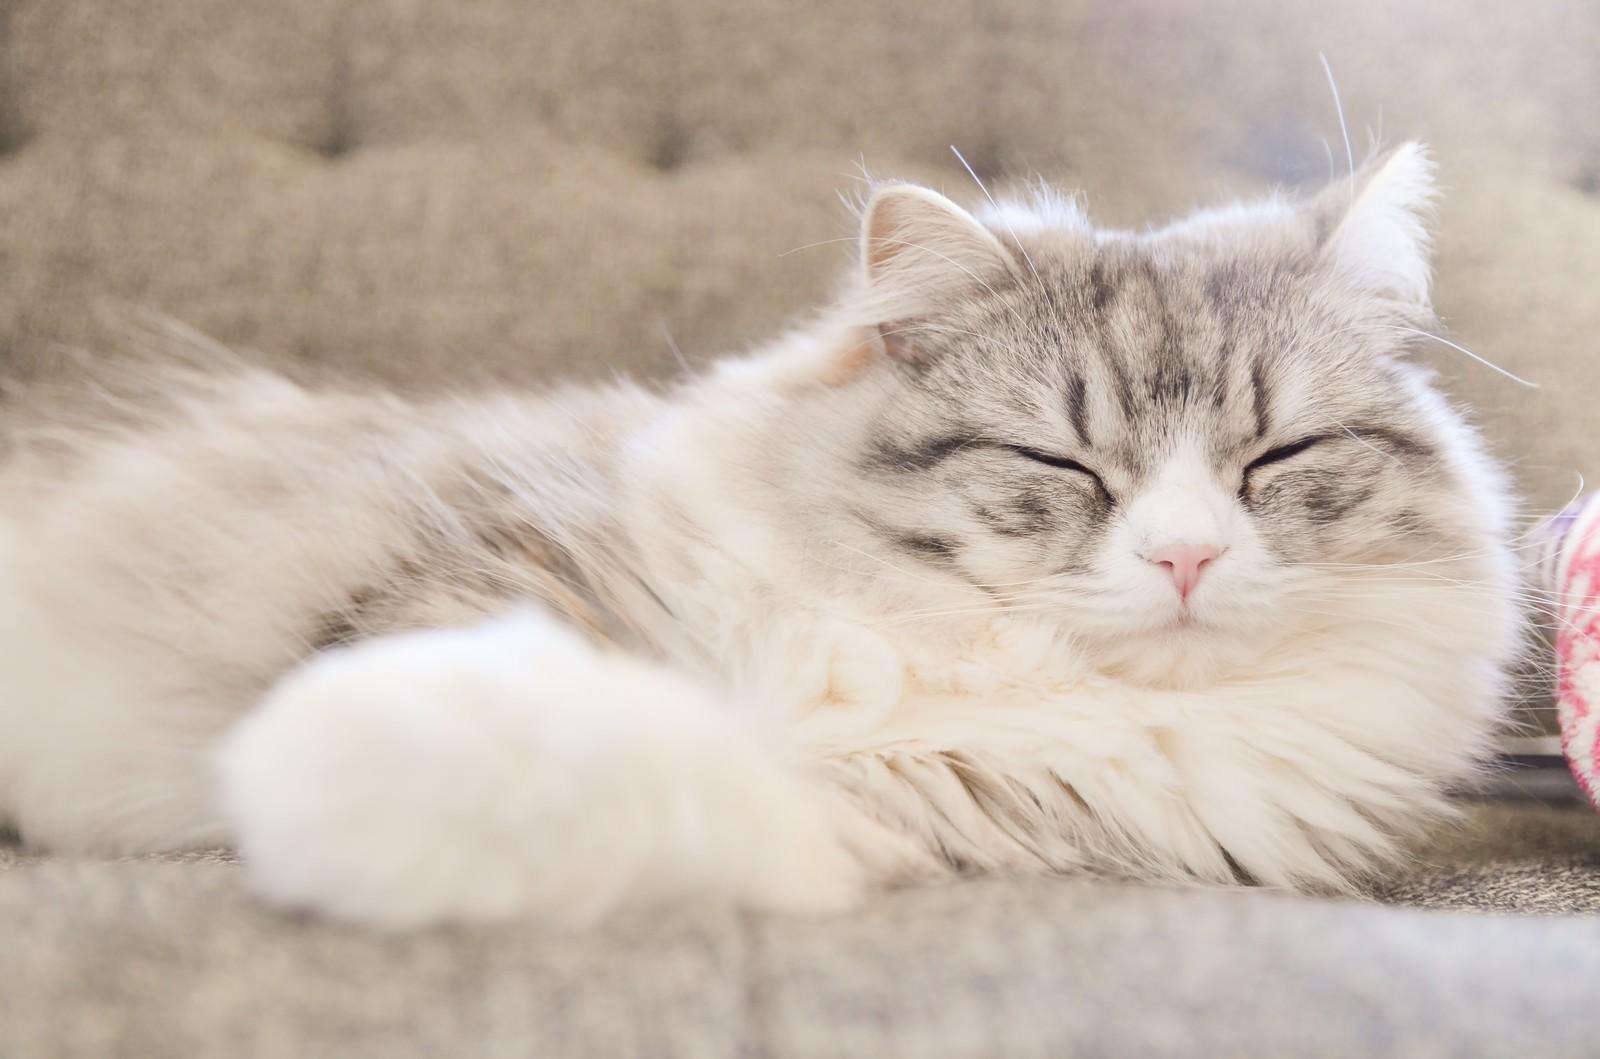 「ソファーで寝てるメス猫(スコティッシュフォールド)」の写真